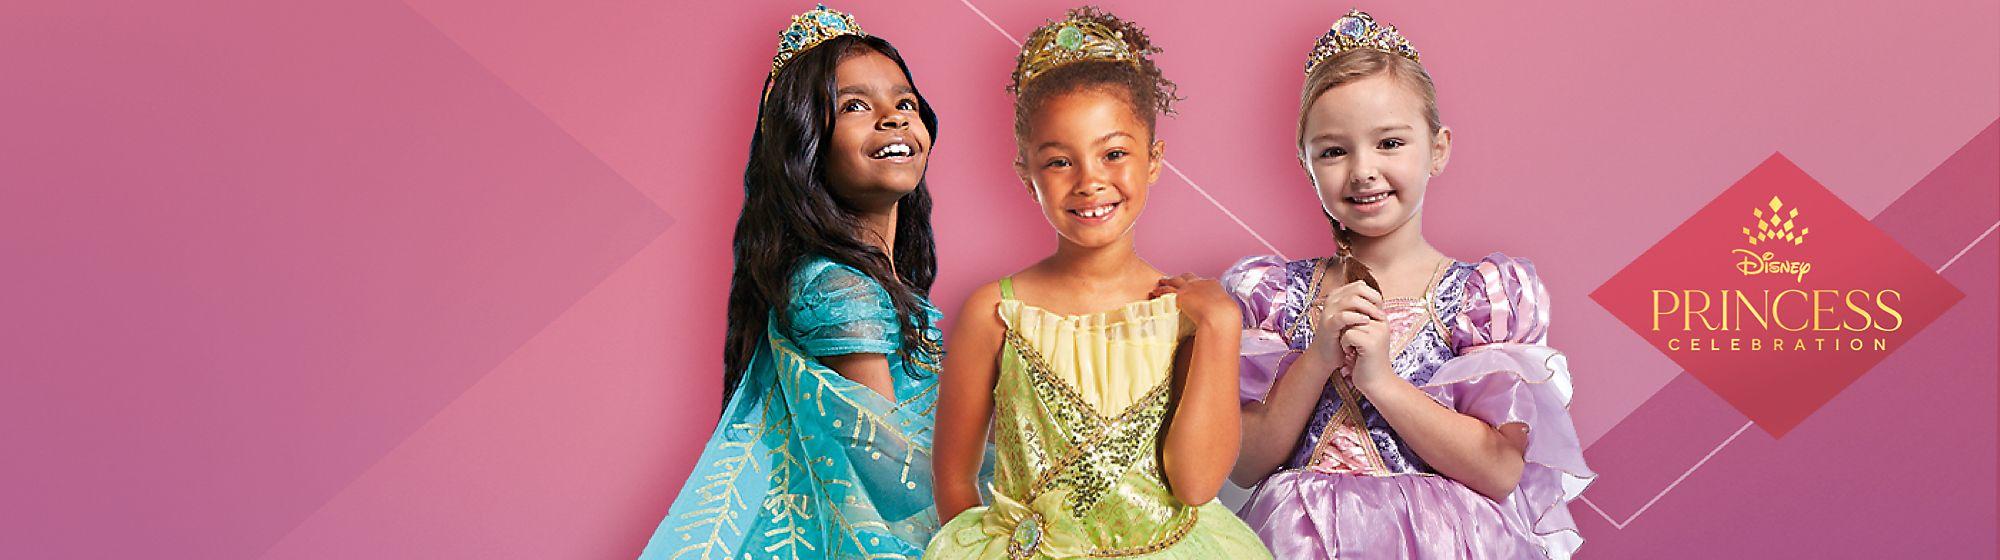 Colección Infantil Disney Princess Descubre nuestra encantadora colección de muñecas,  juguetes y disfraces de princesas Disney